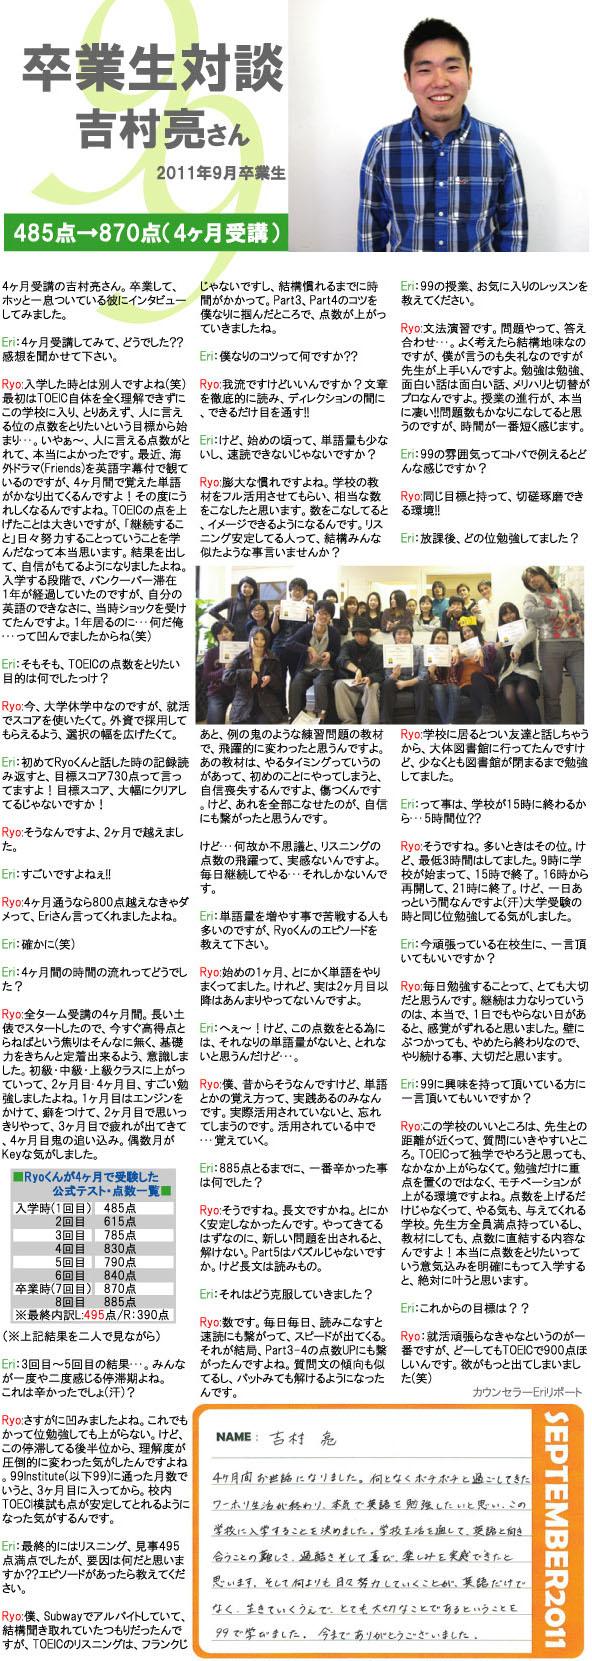 20111102ryoyoshimura.jpg